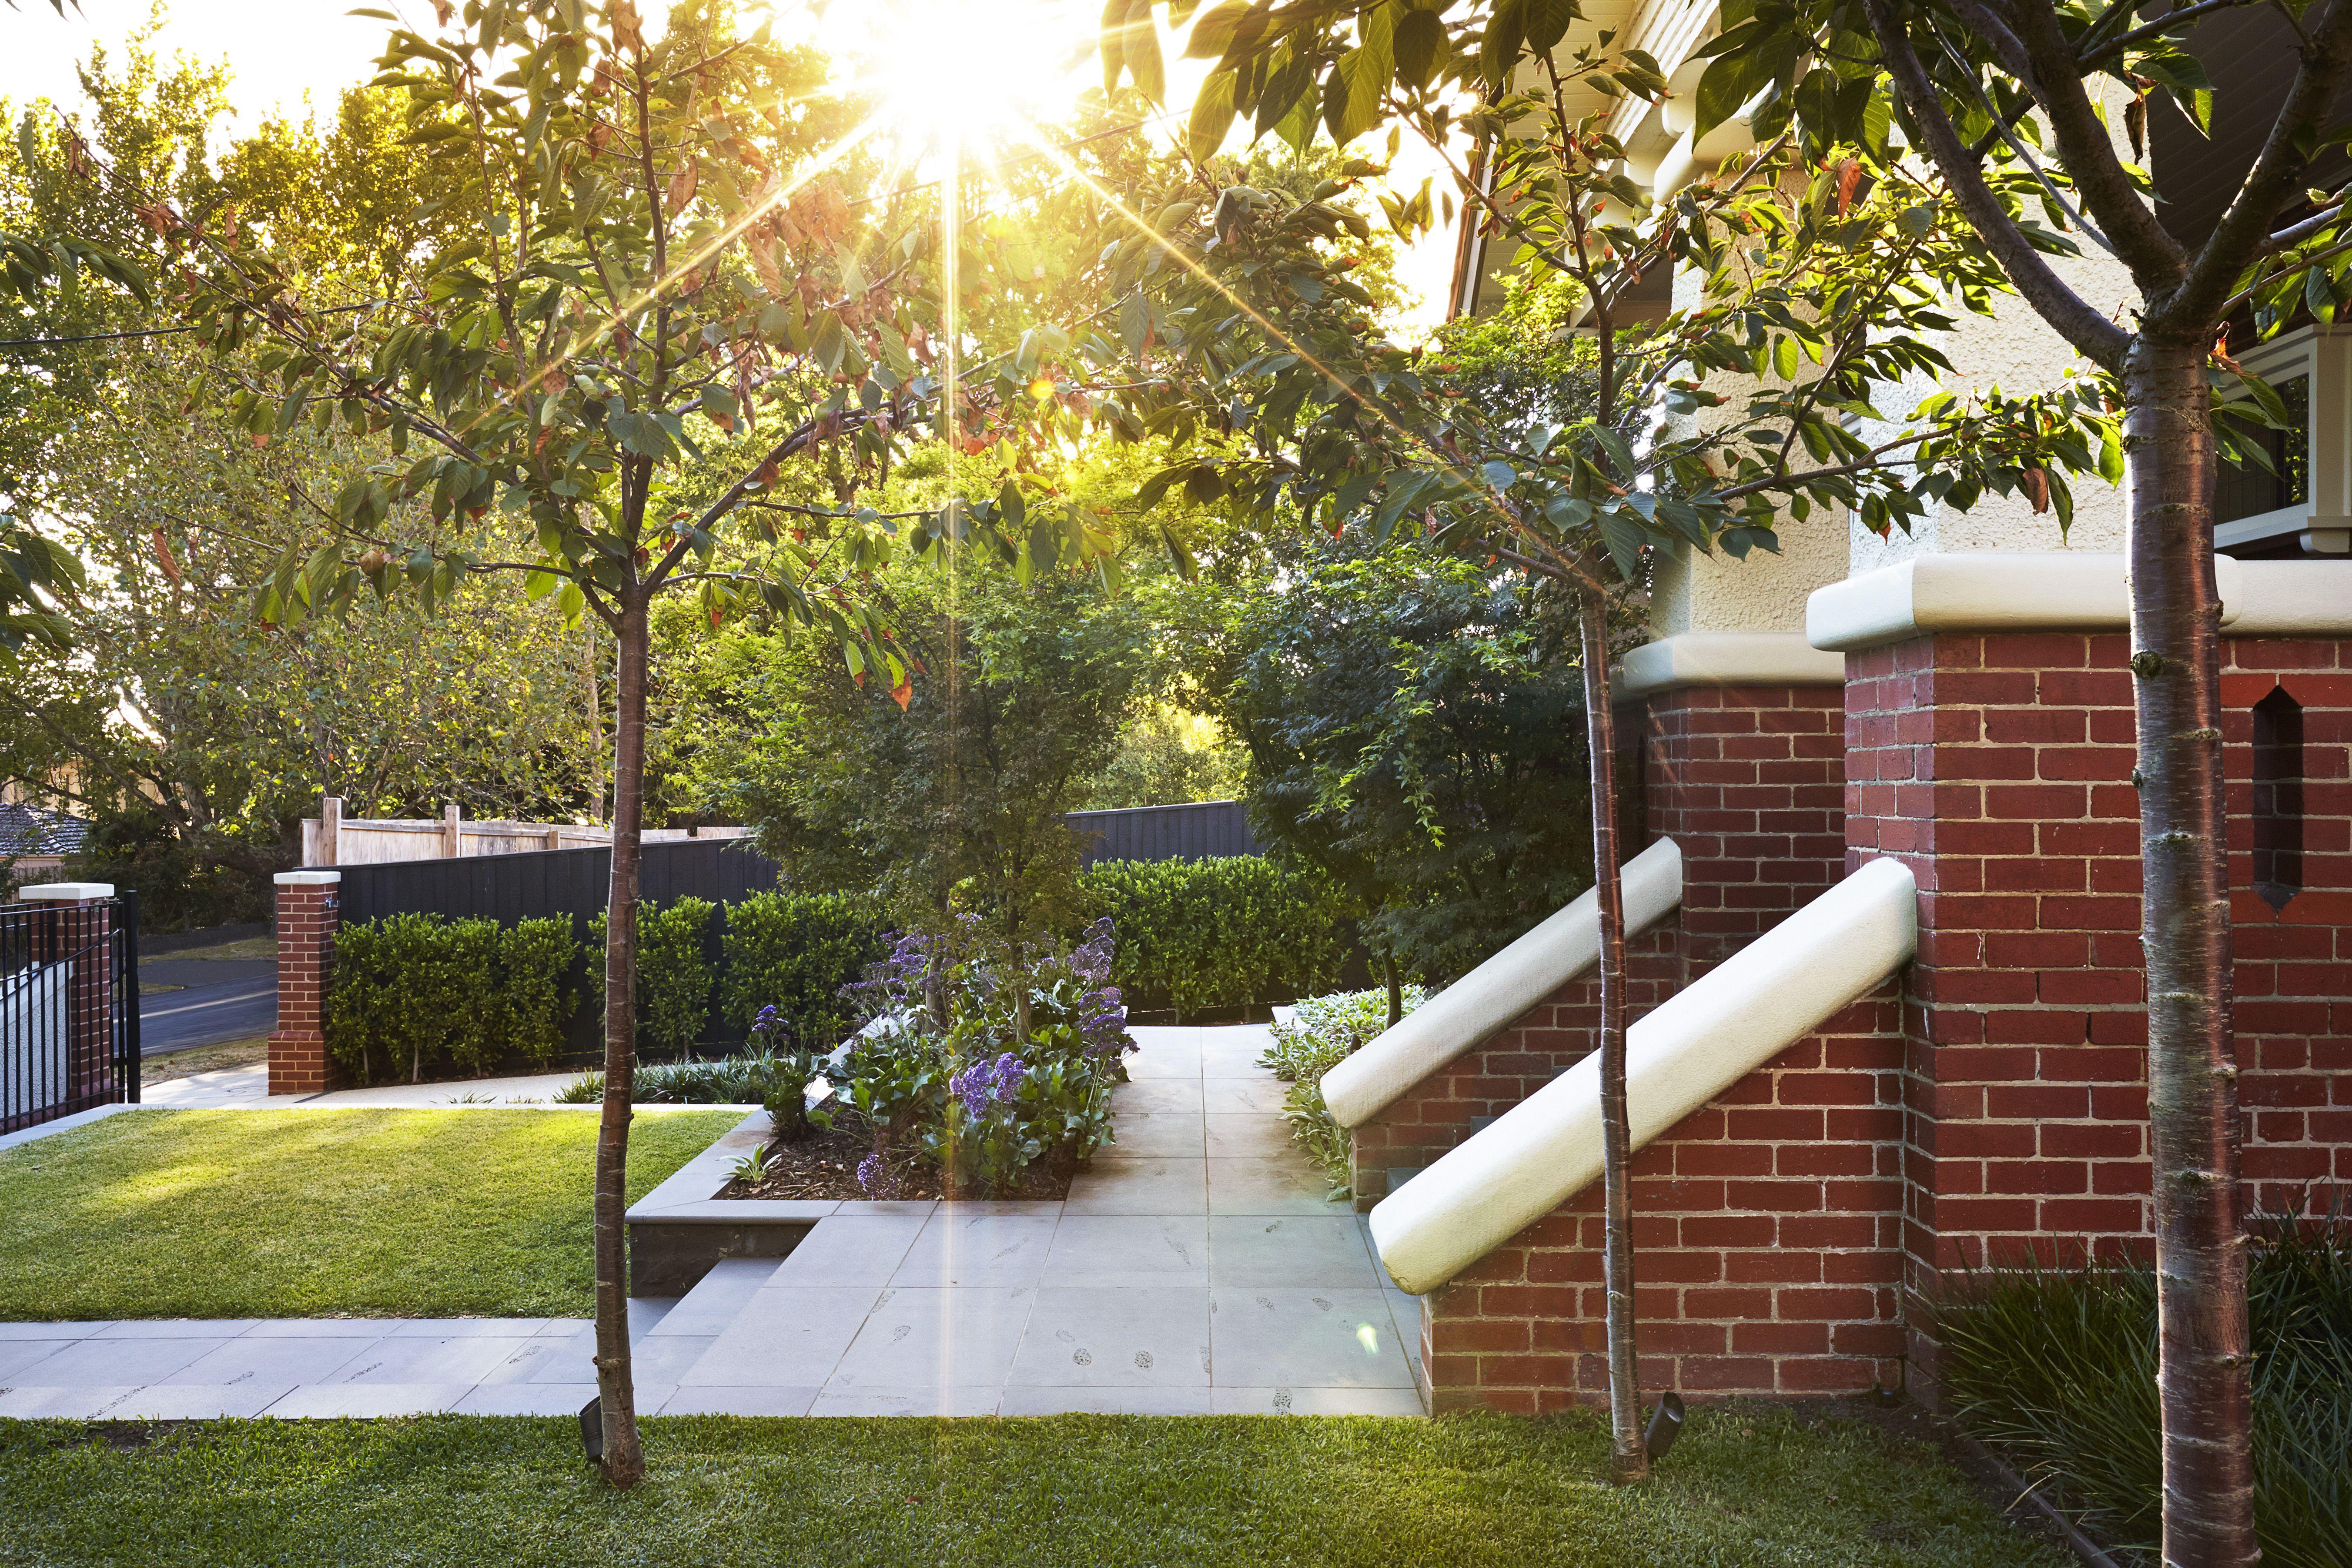 Nathan Burkett Design, Front entrance garden design to ...